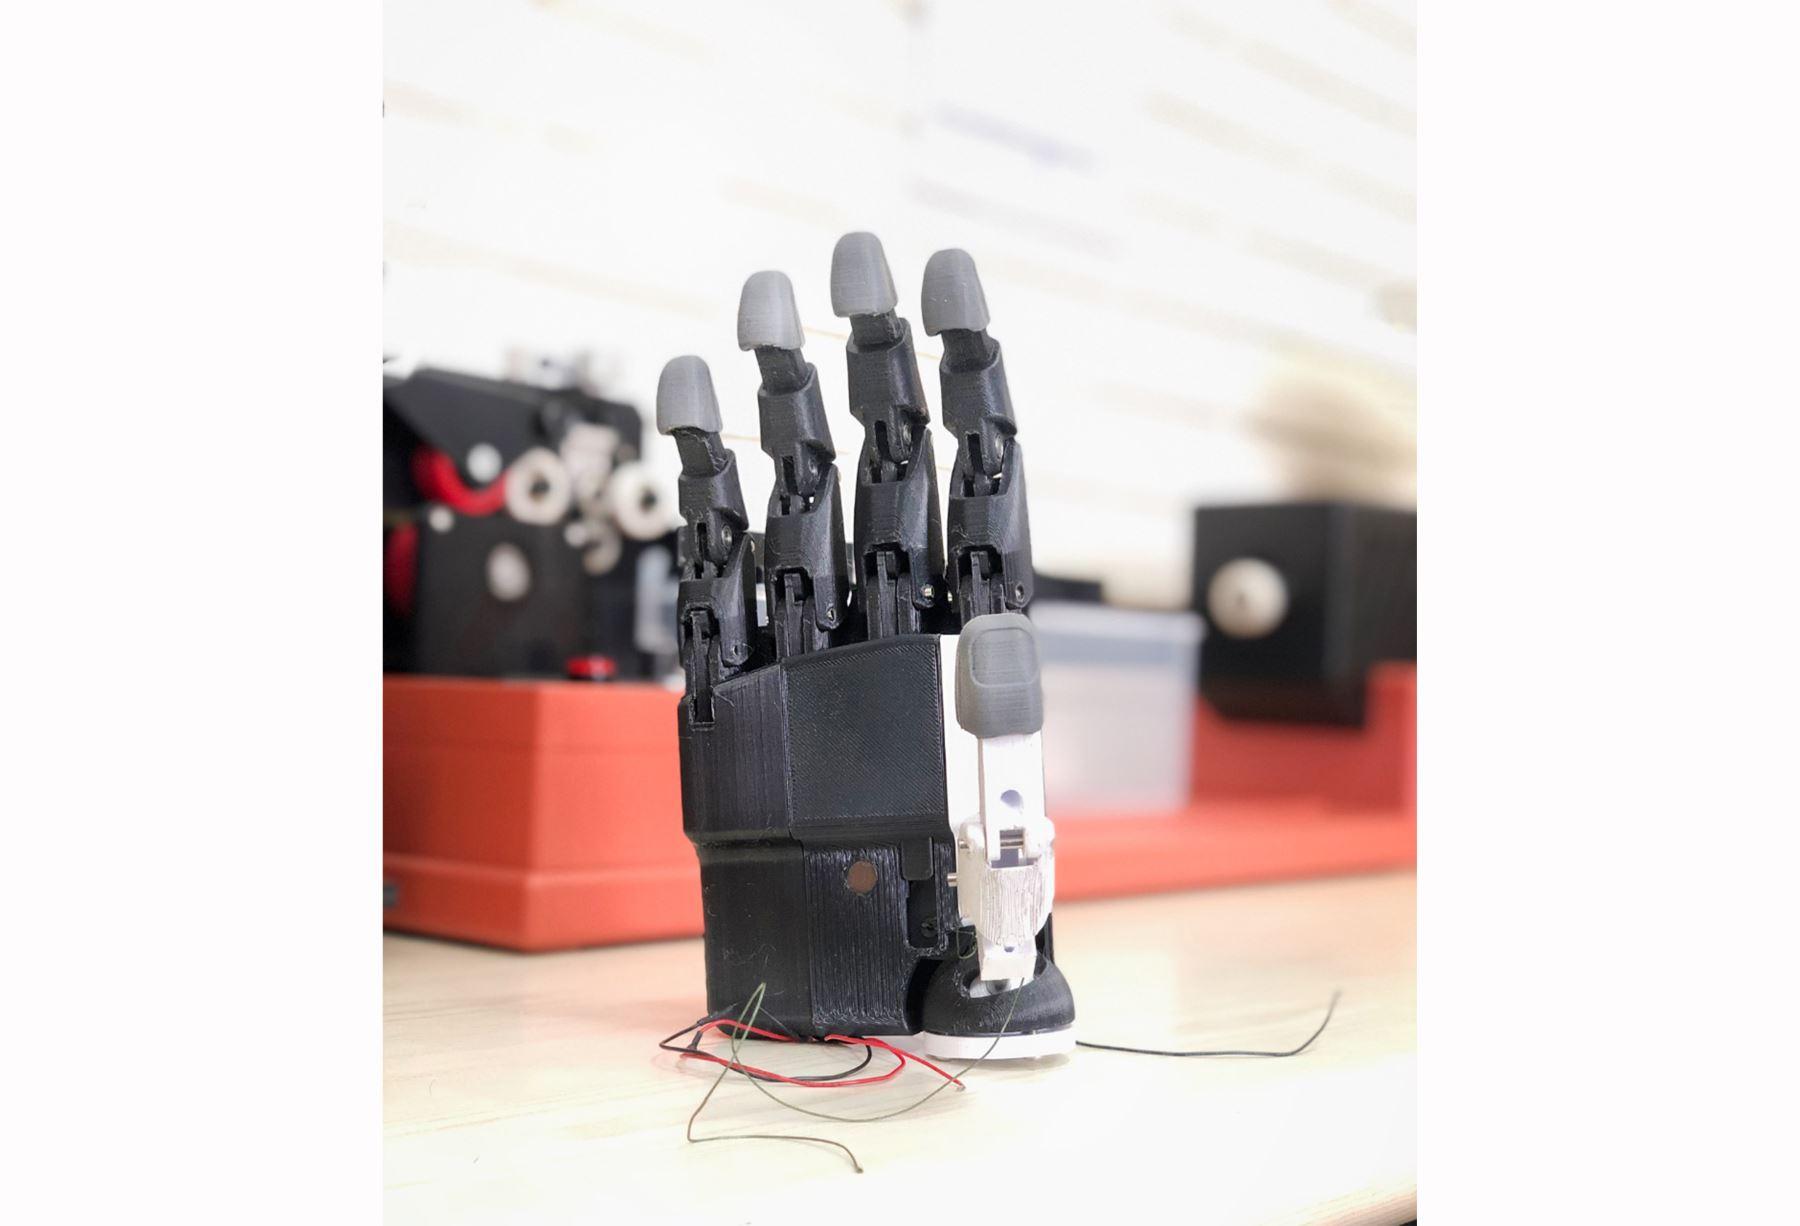 Investigadores fabrican prótesis mioeléctrica personalizada de mano